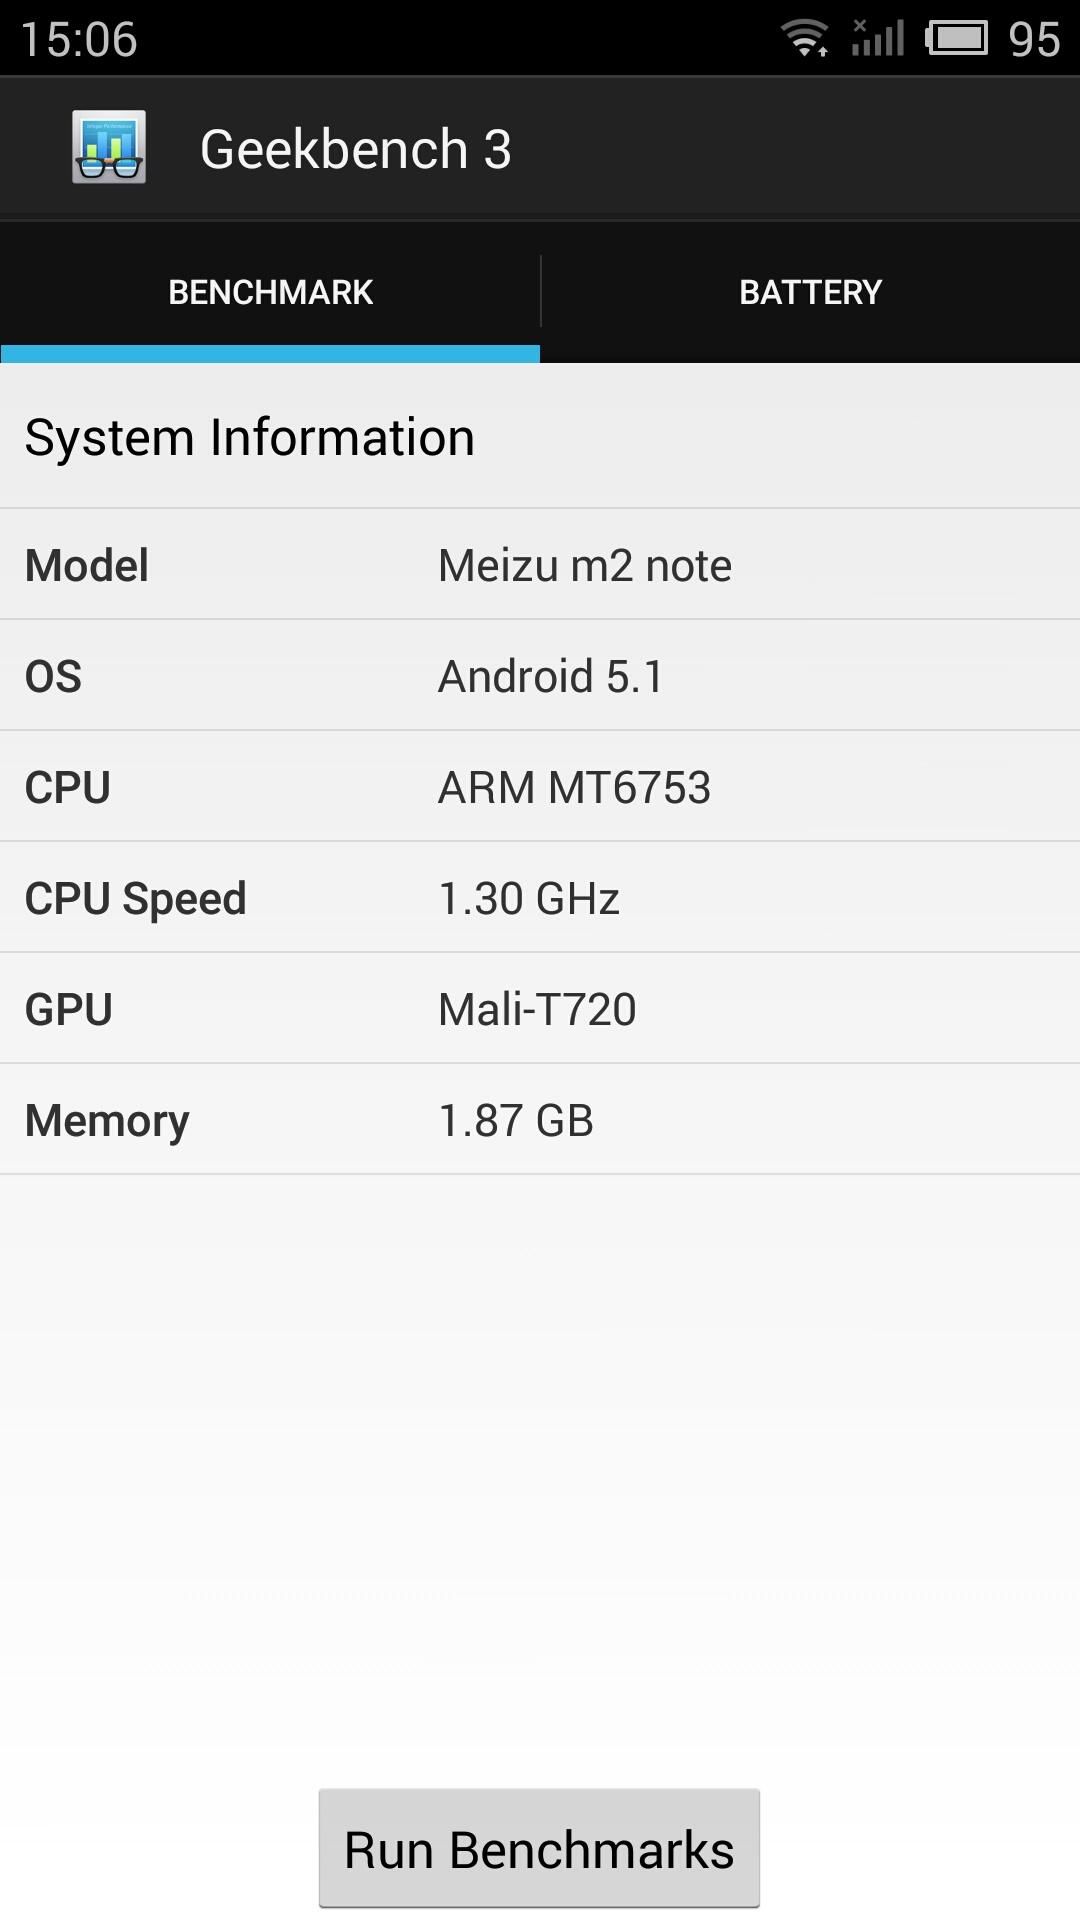 Meizu M2 Note - Geekbench 3